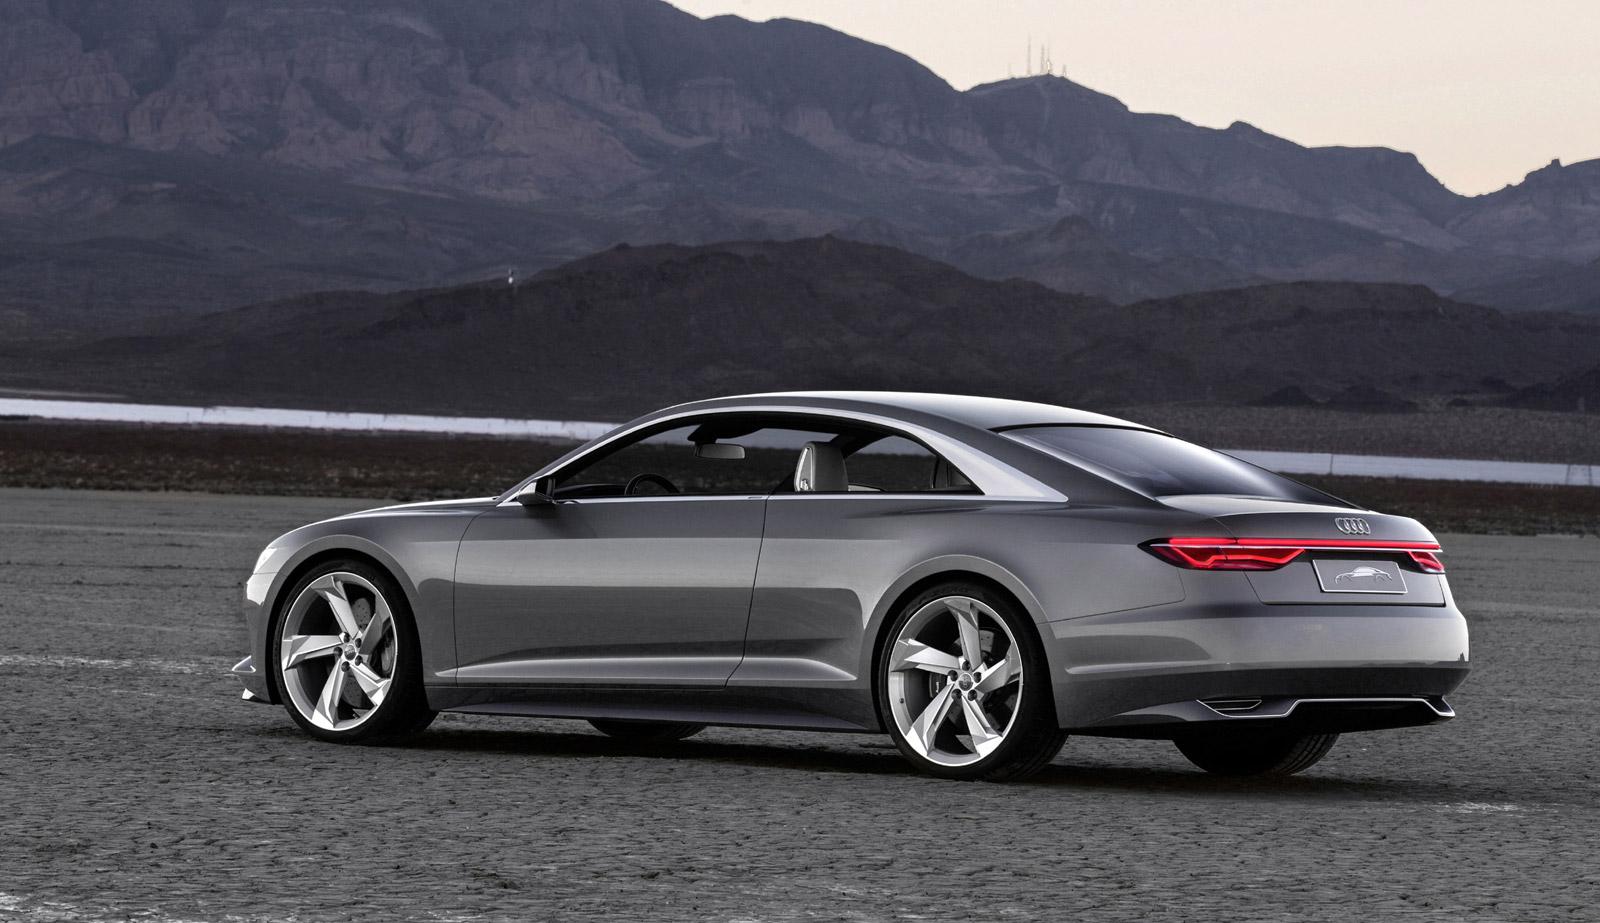 Audi Piloted Driving >> Aston Vantage GT3, Audi Prologue Autonomous Car, Next-Gen ...